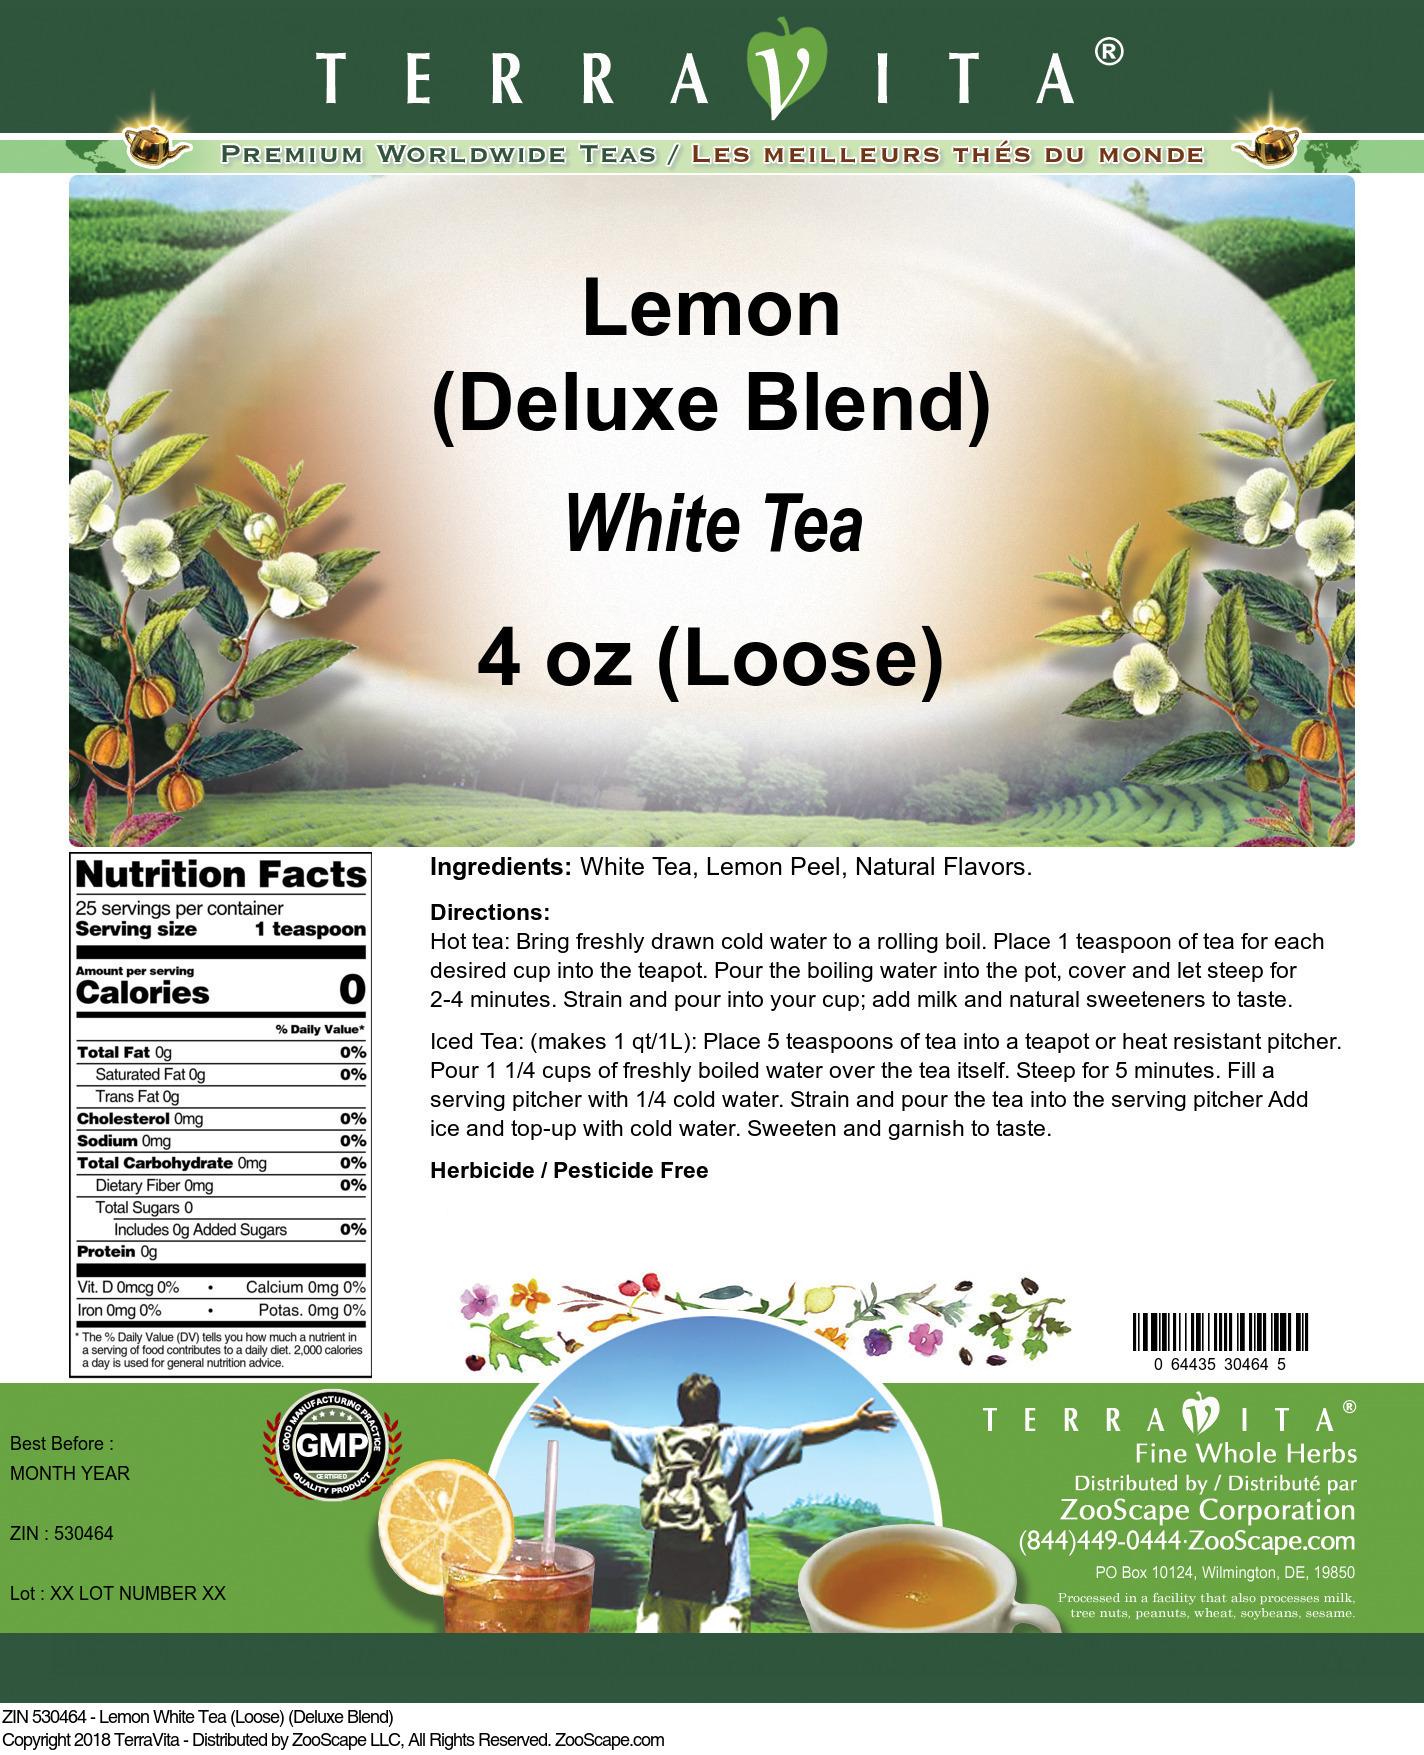 Lemon White Tea (Loose) (Deluxe Blend)